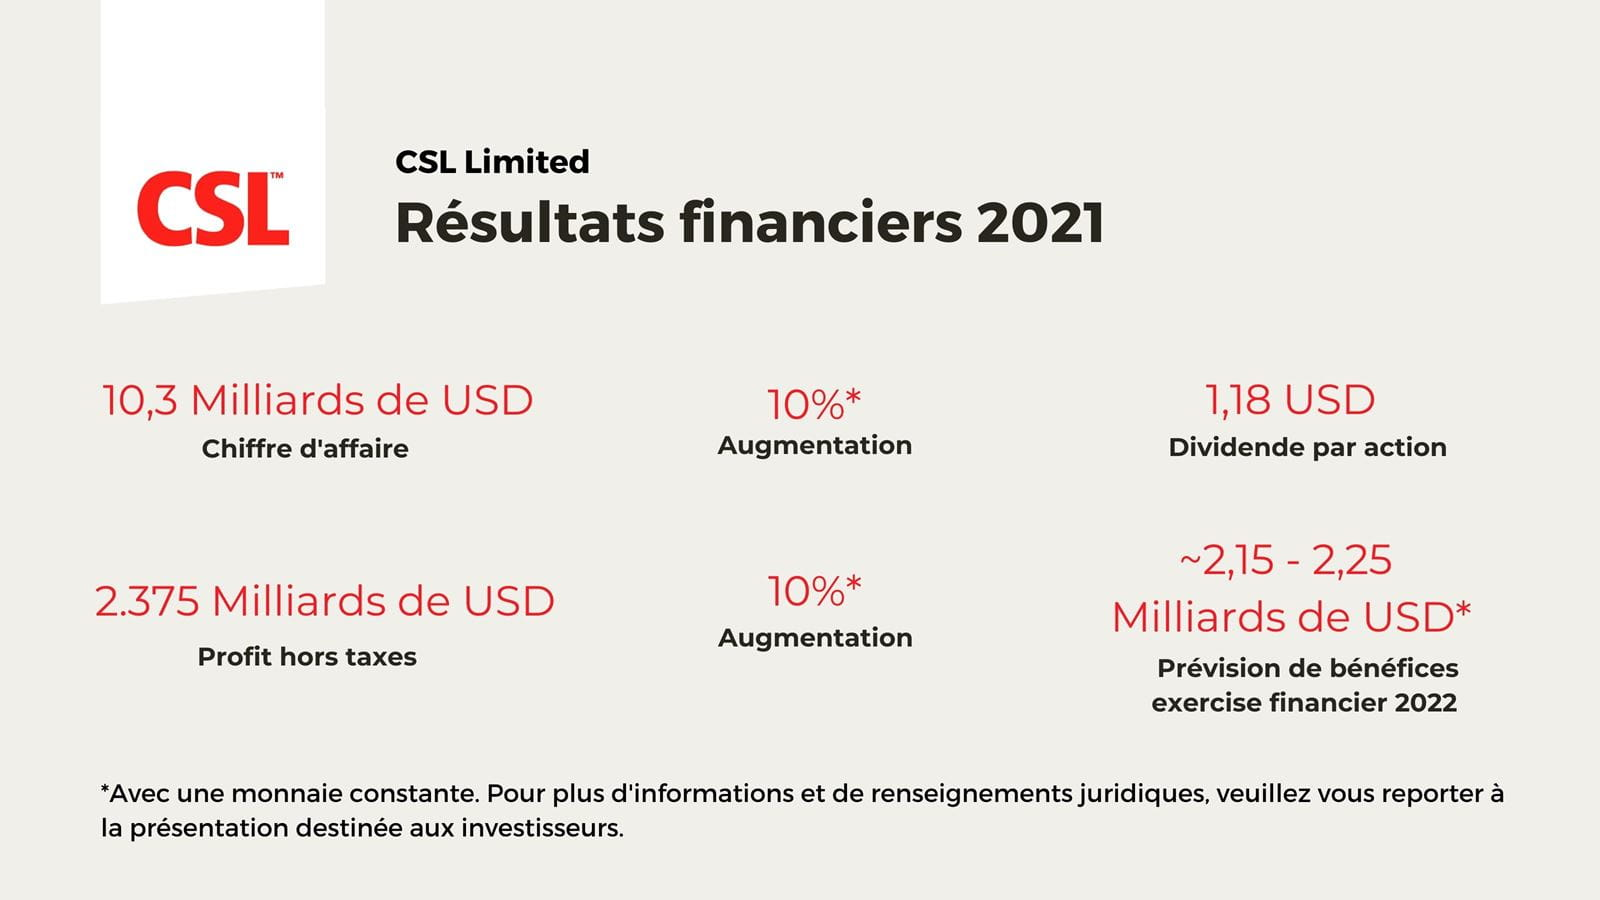 Graphique des résultats financers 2021 de CSL